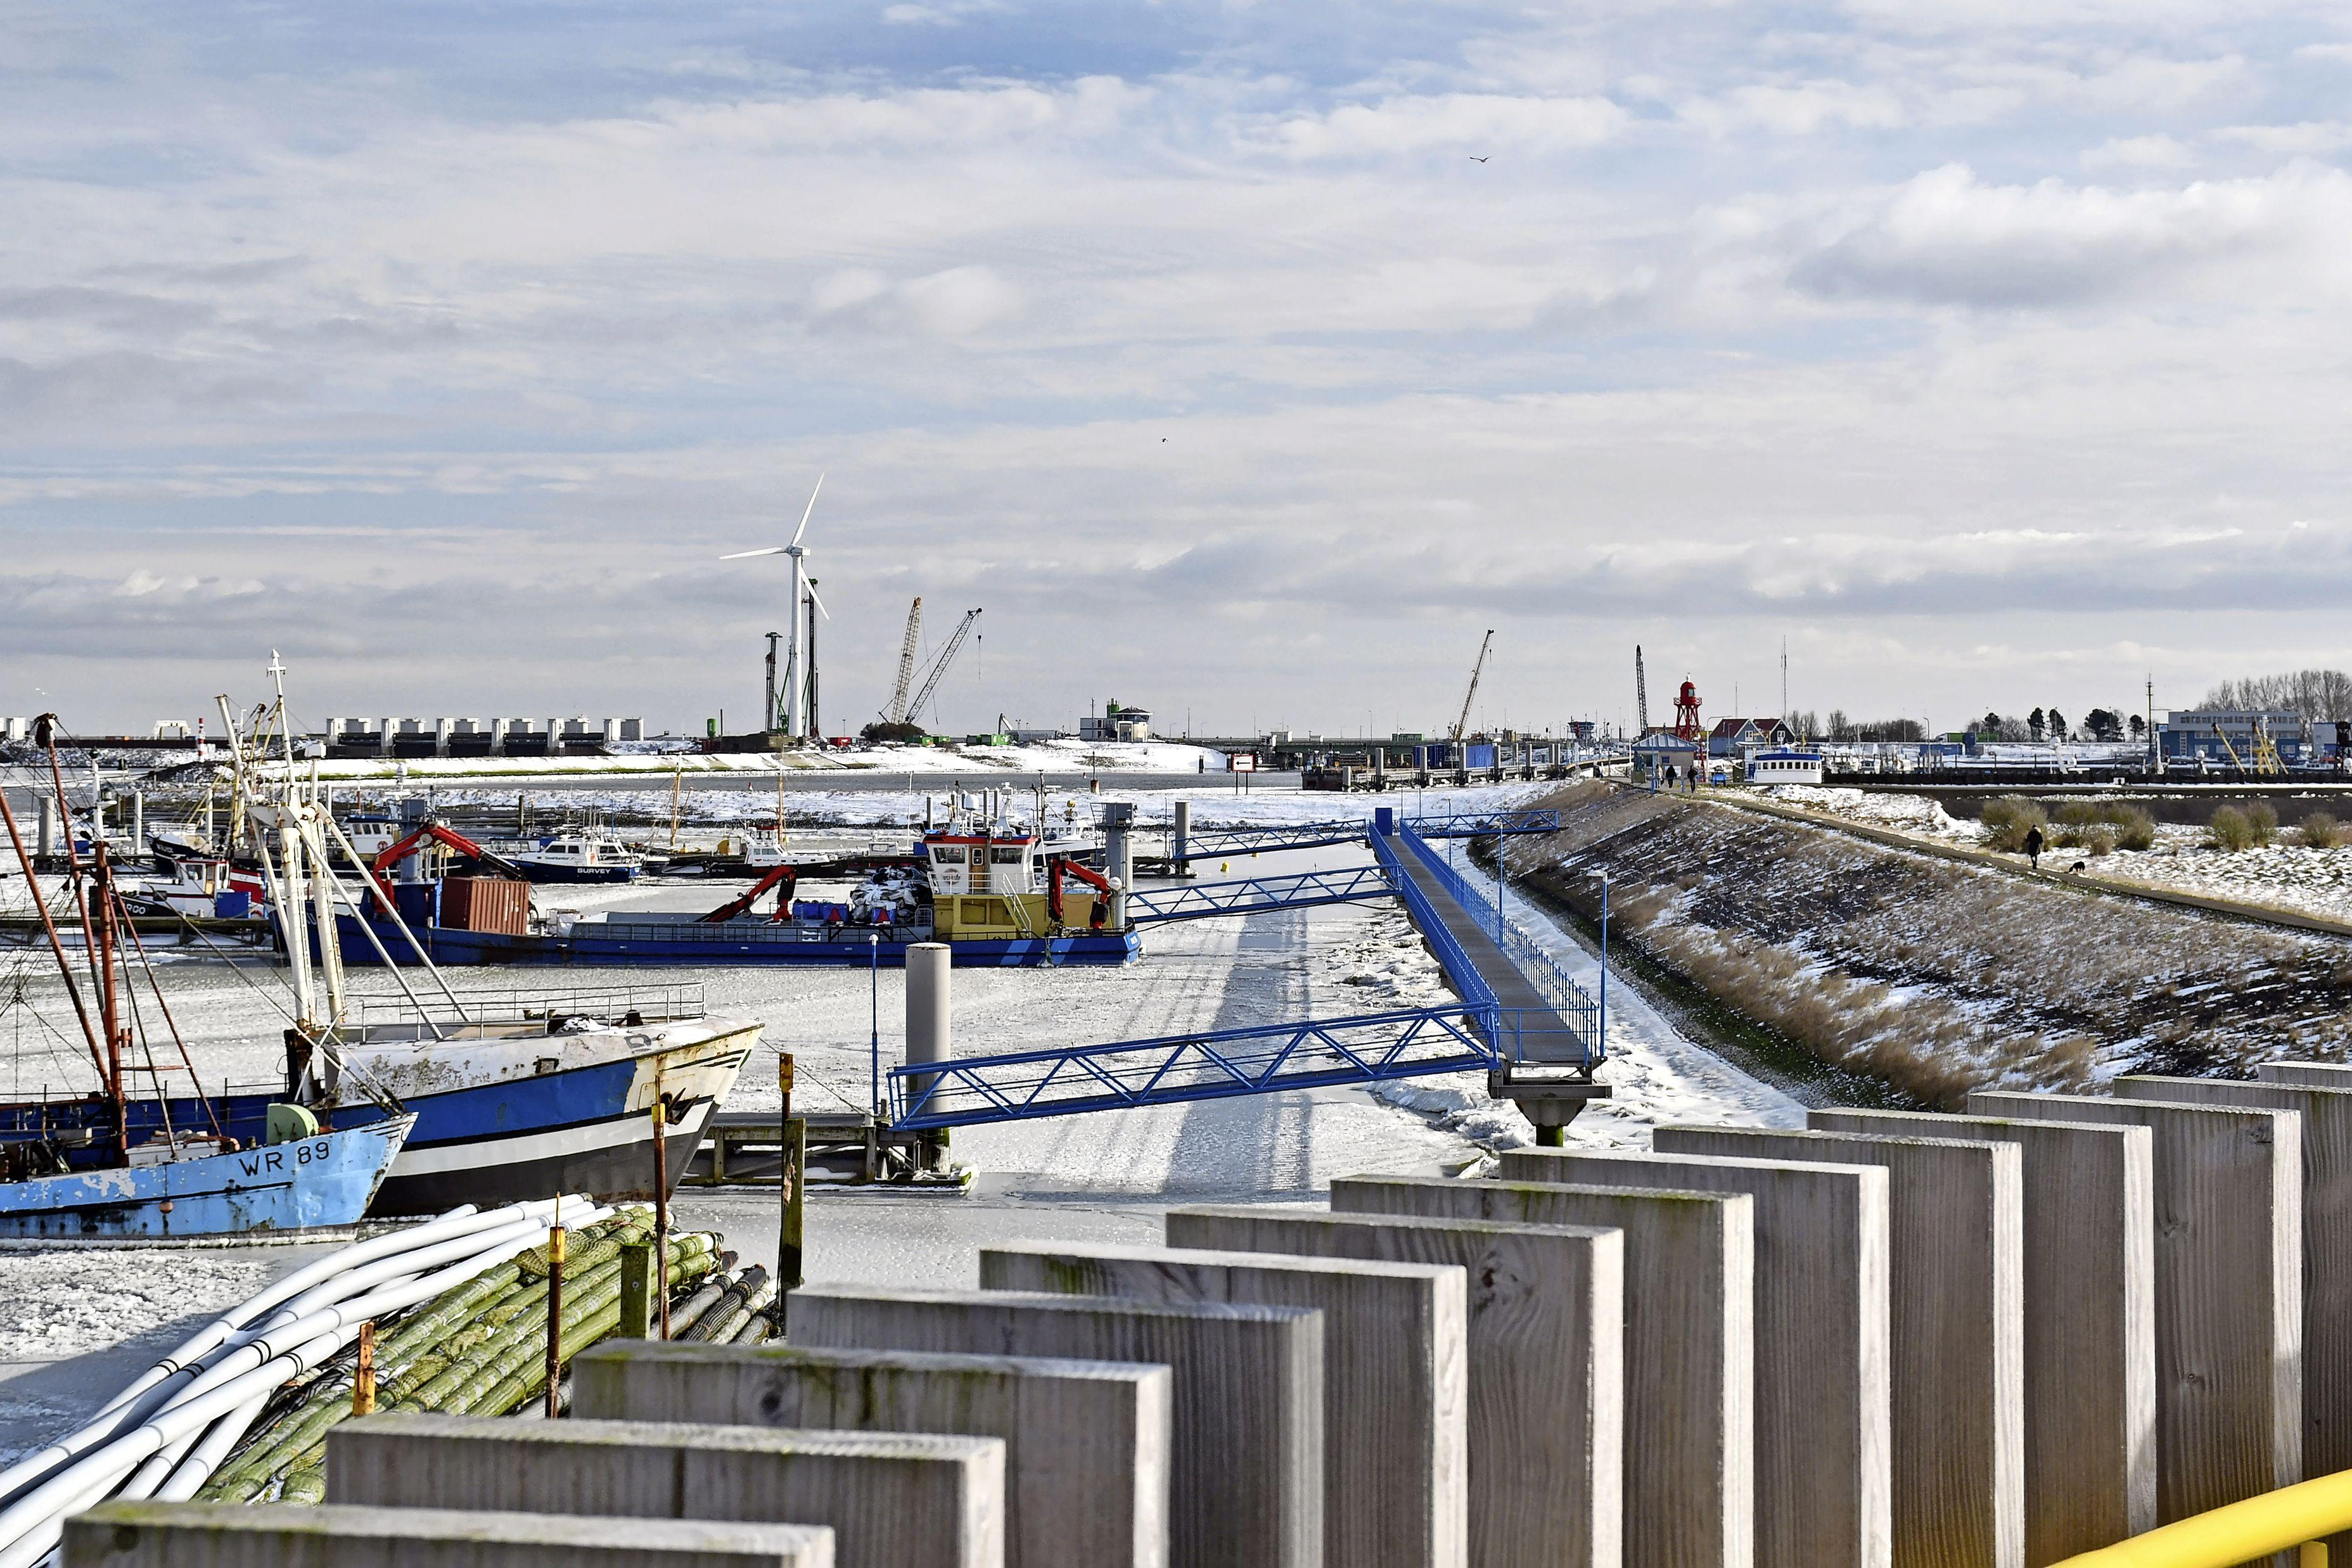 Wieringer vissers die per se willen uitvaren, wijken uit naar de ijsvrije haven van Den Helder. Wie in Den Oever blijft, 'kan altijd nog gaan schaatsen'